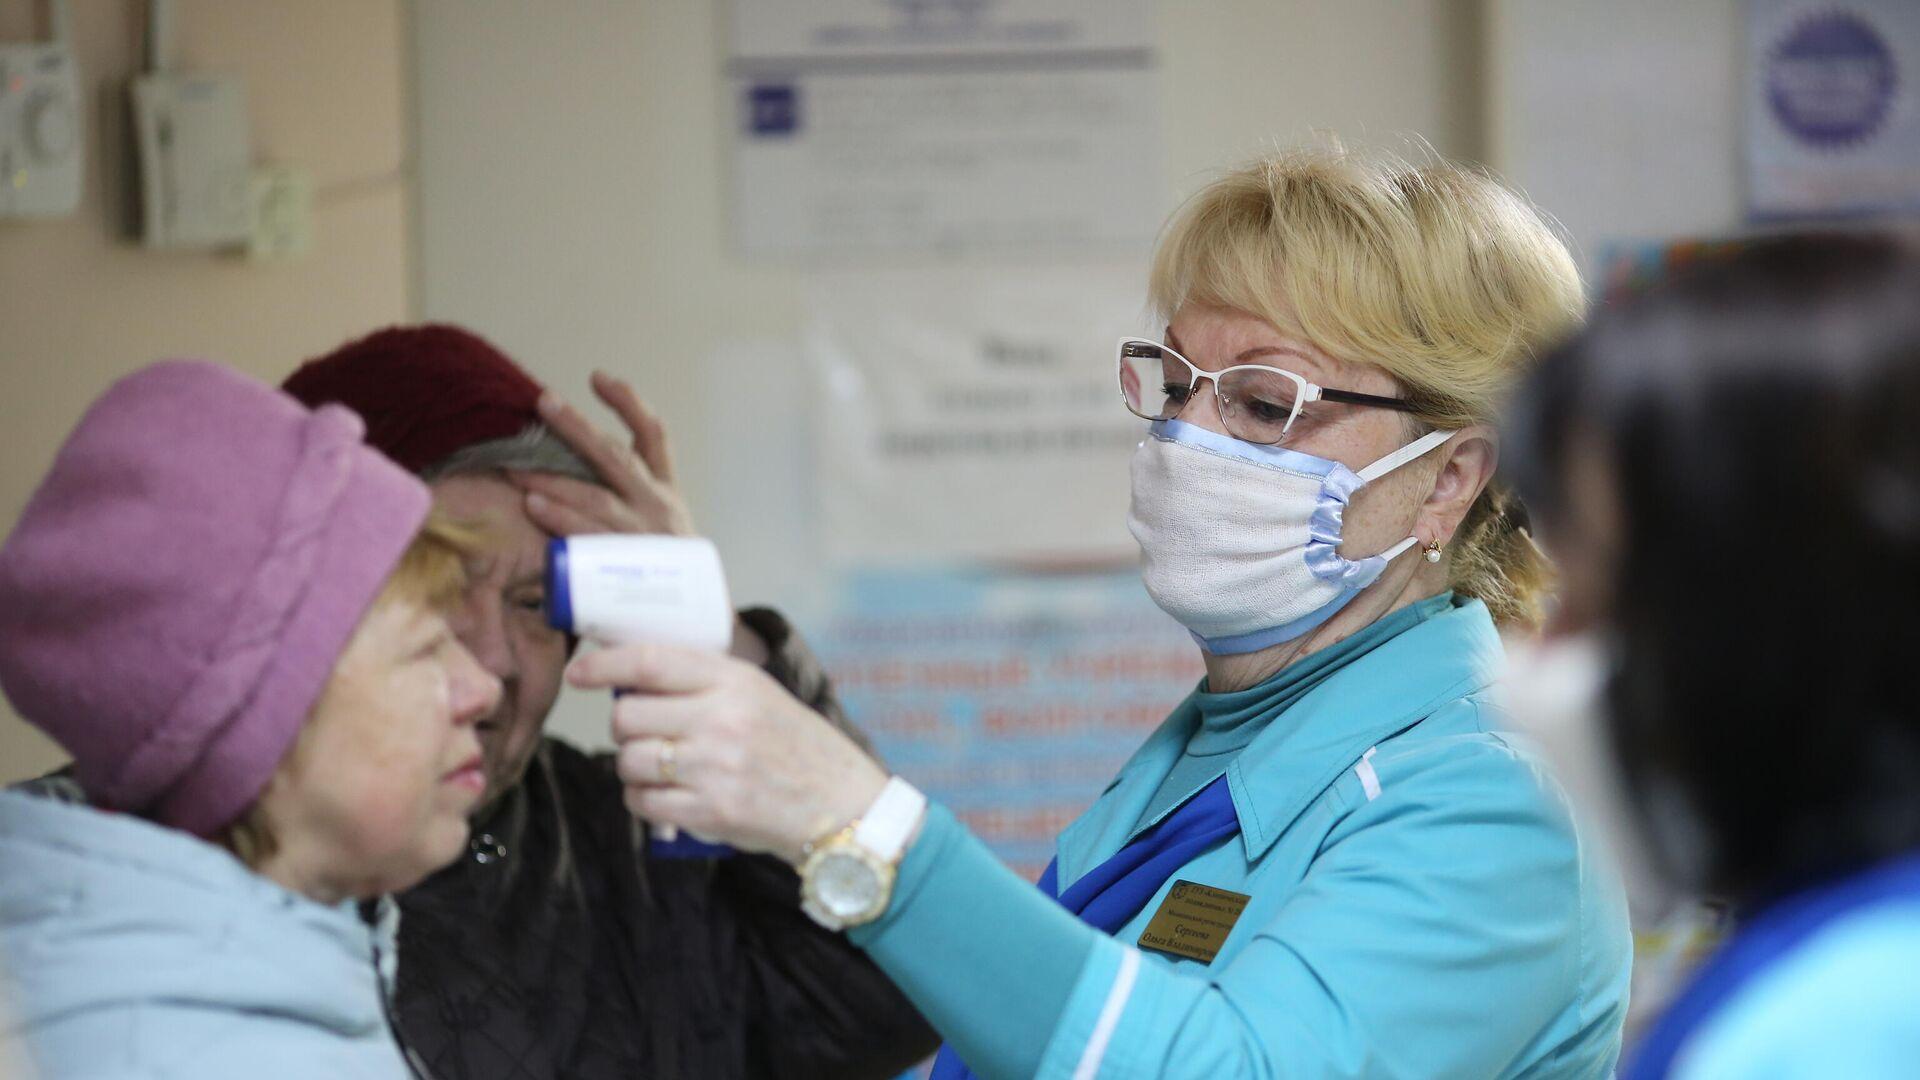 Сотрудница поликлиники  измеряет температуру посетительницы в связи с угрозой распространения коронавируса - РИА Новости, 1920, 04.03.2021